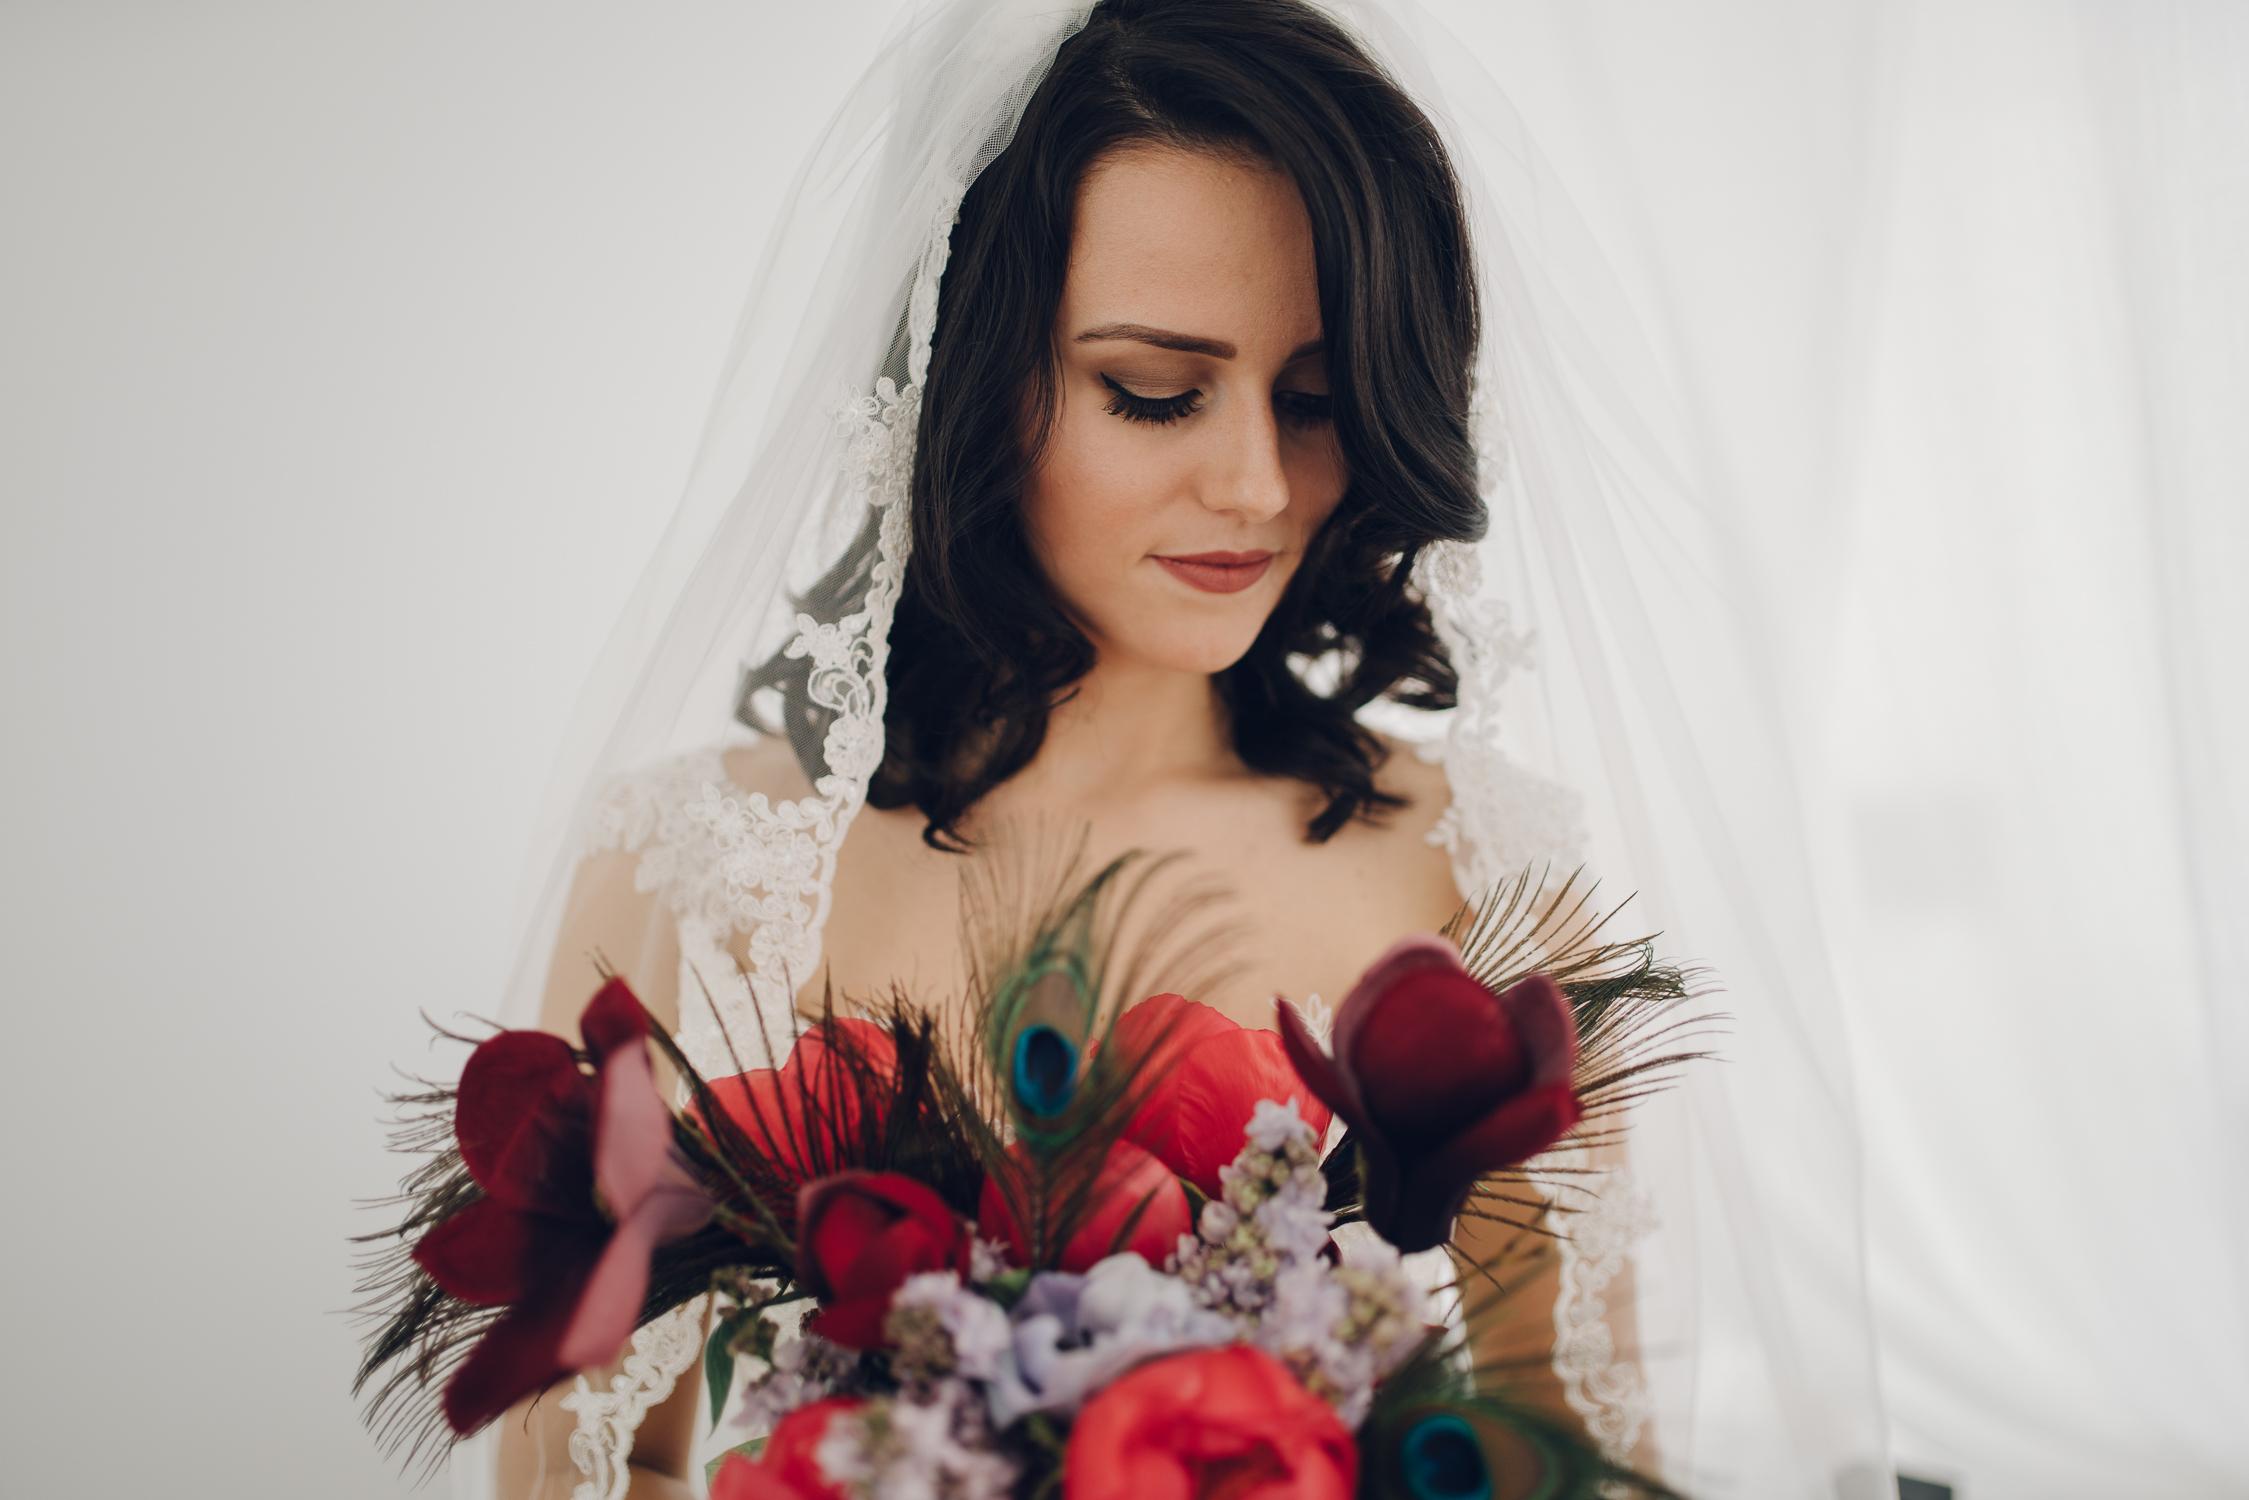 bruidsfotografie amsterdam bloemen foto door mark hadden